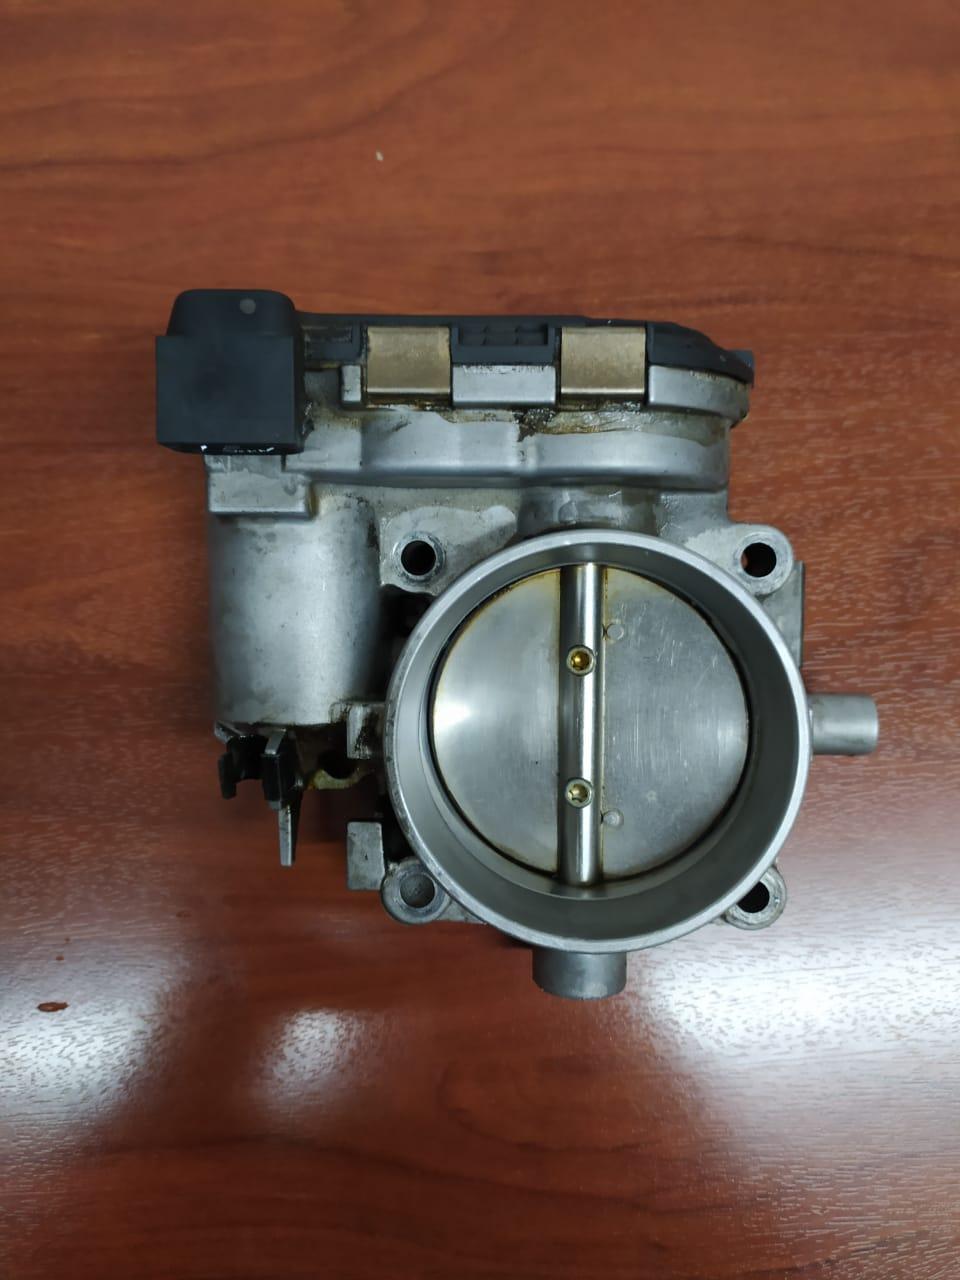 Mercedes 112 motor (veobraznı) üçün ZASLONKA satılır.əla vəziyyətdə.